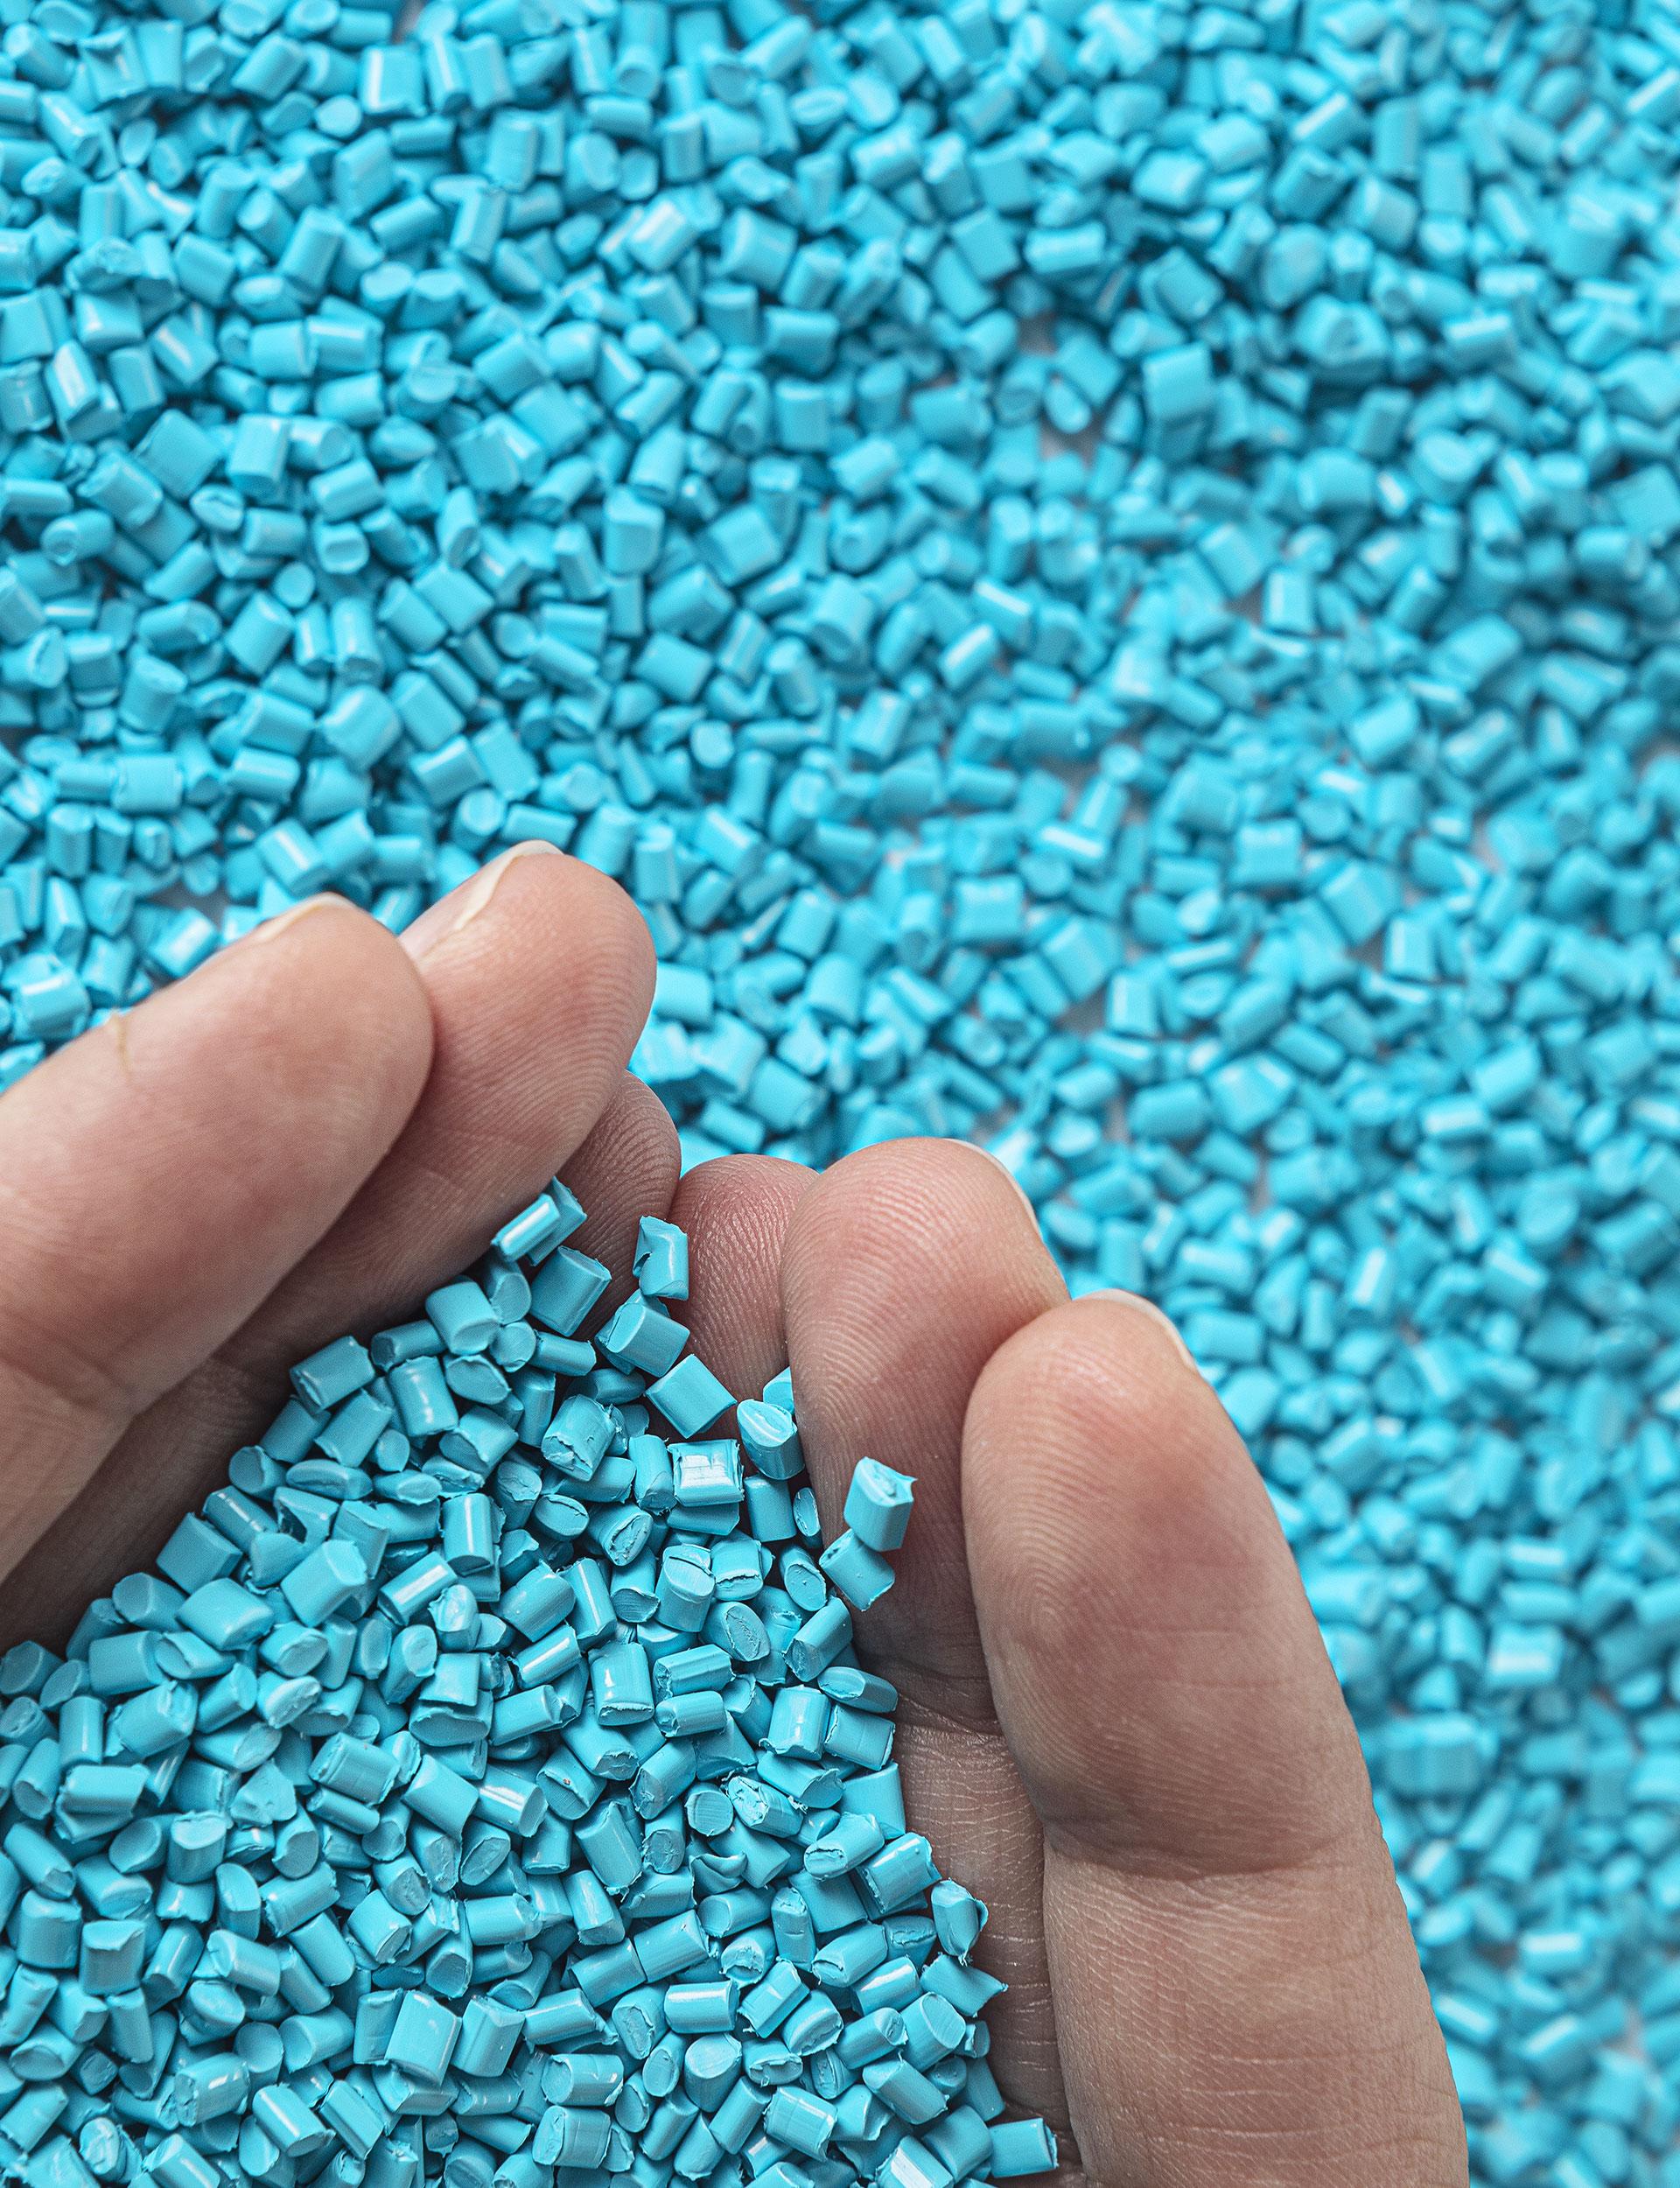 produzione plastiche profumate